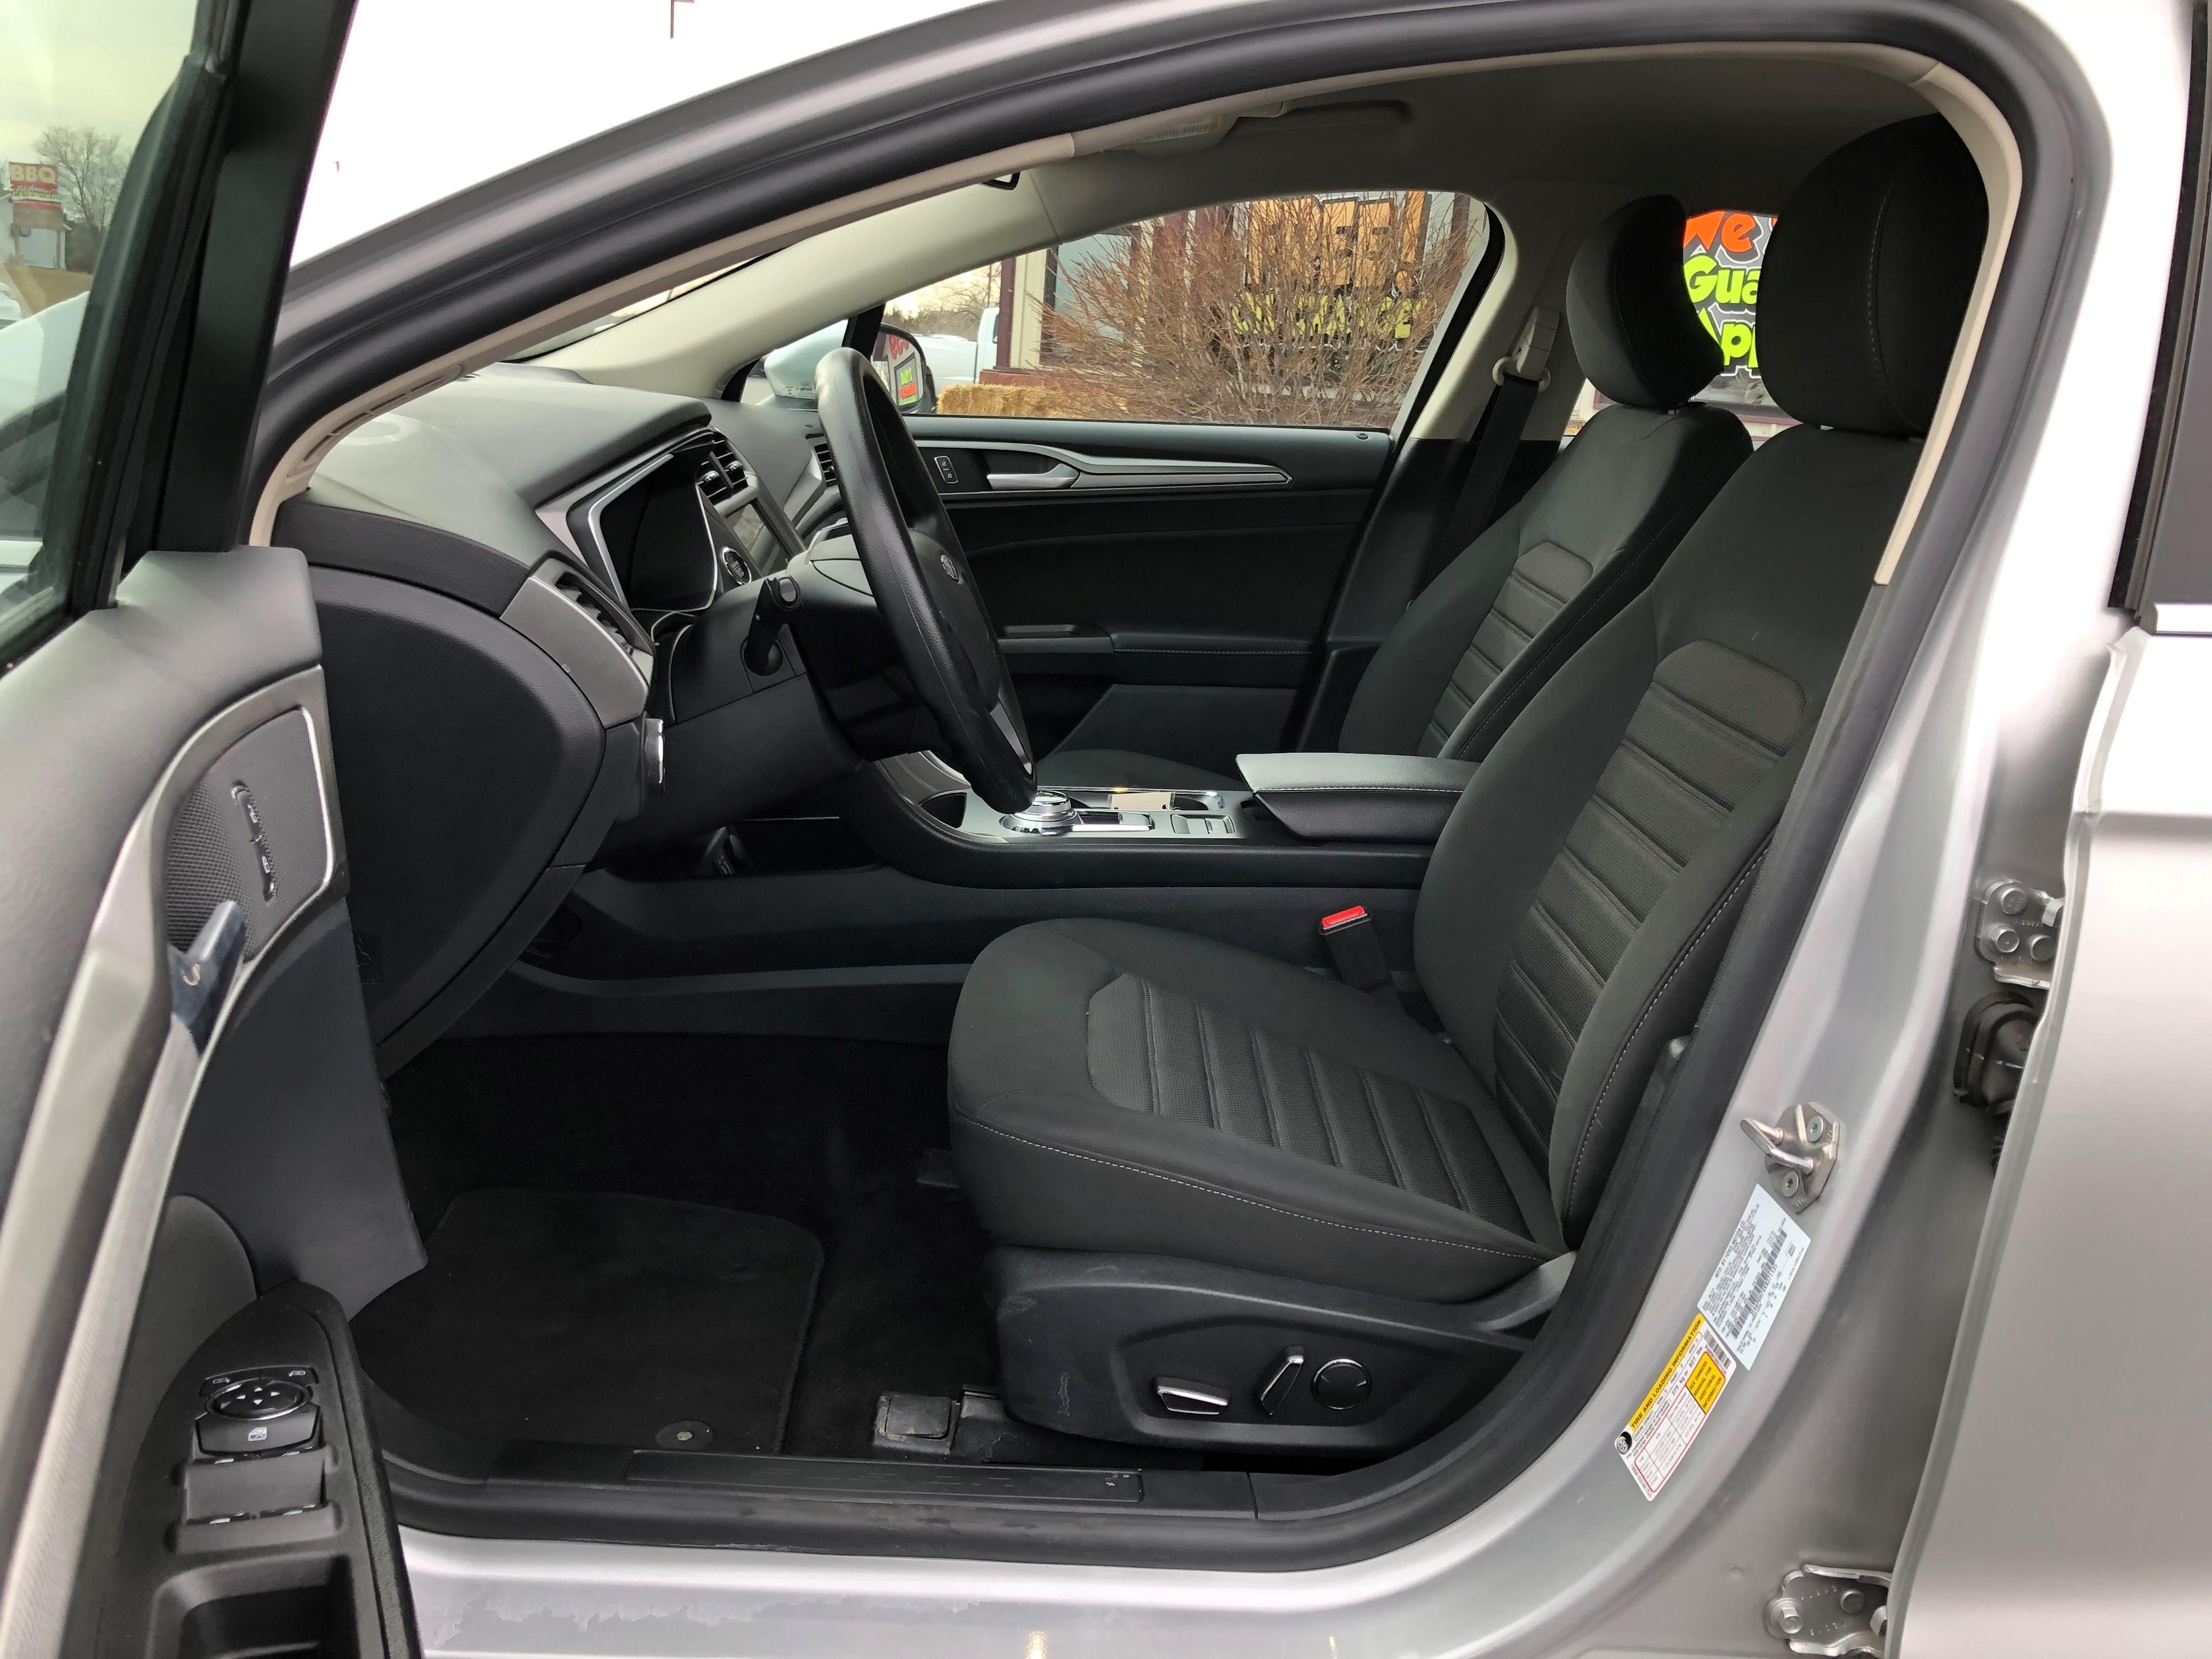 used vehicle - Sedan FORD FUSION 2019